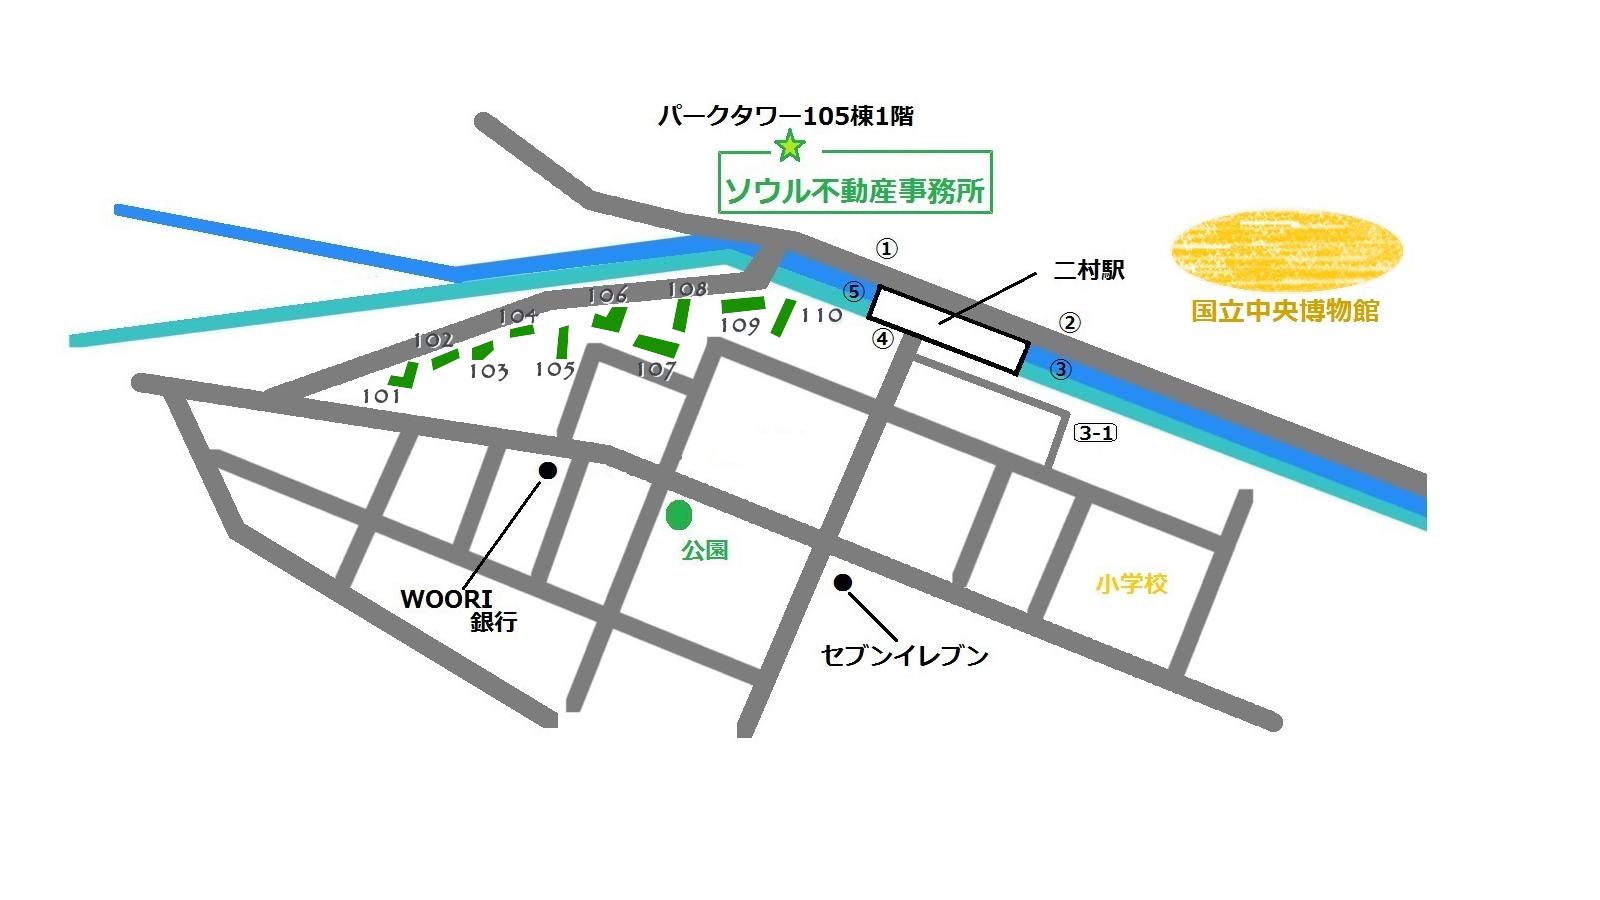 ハンガンデウアパート 地図